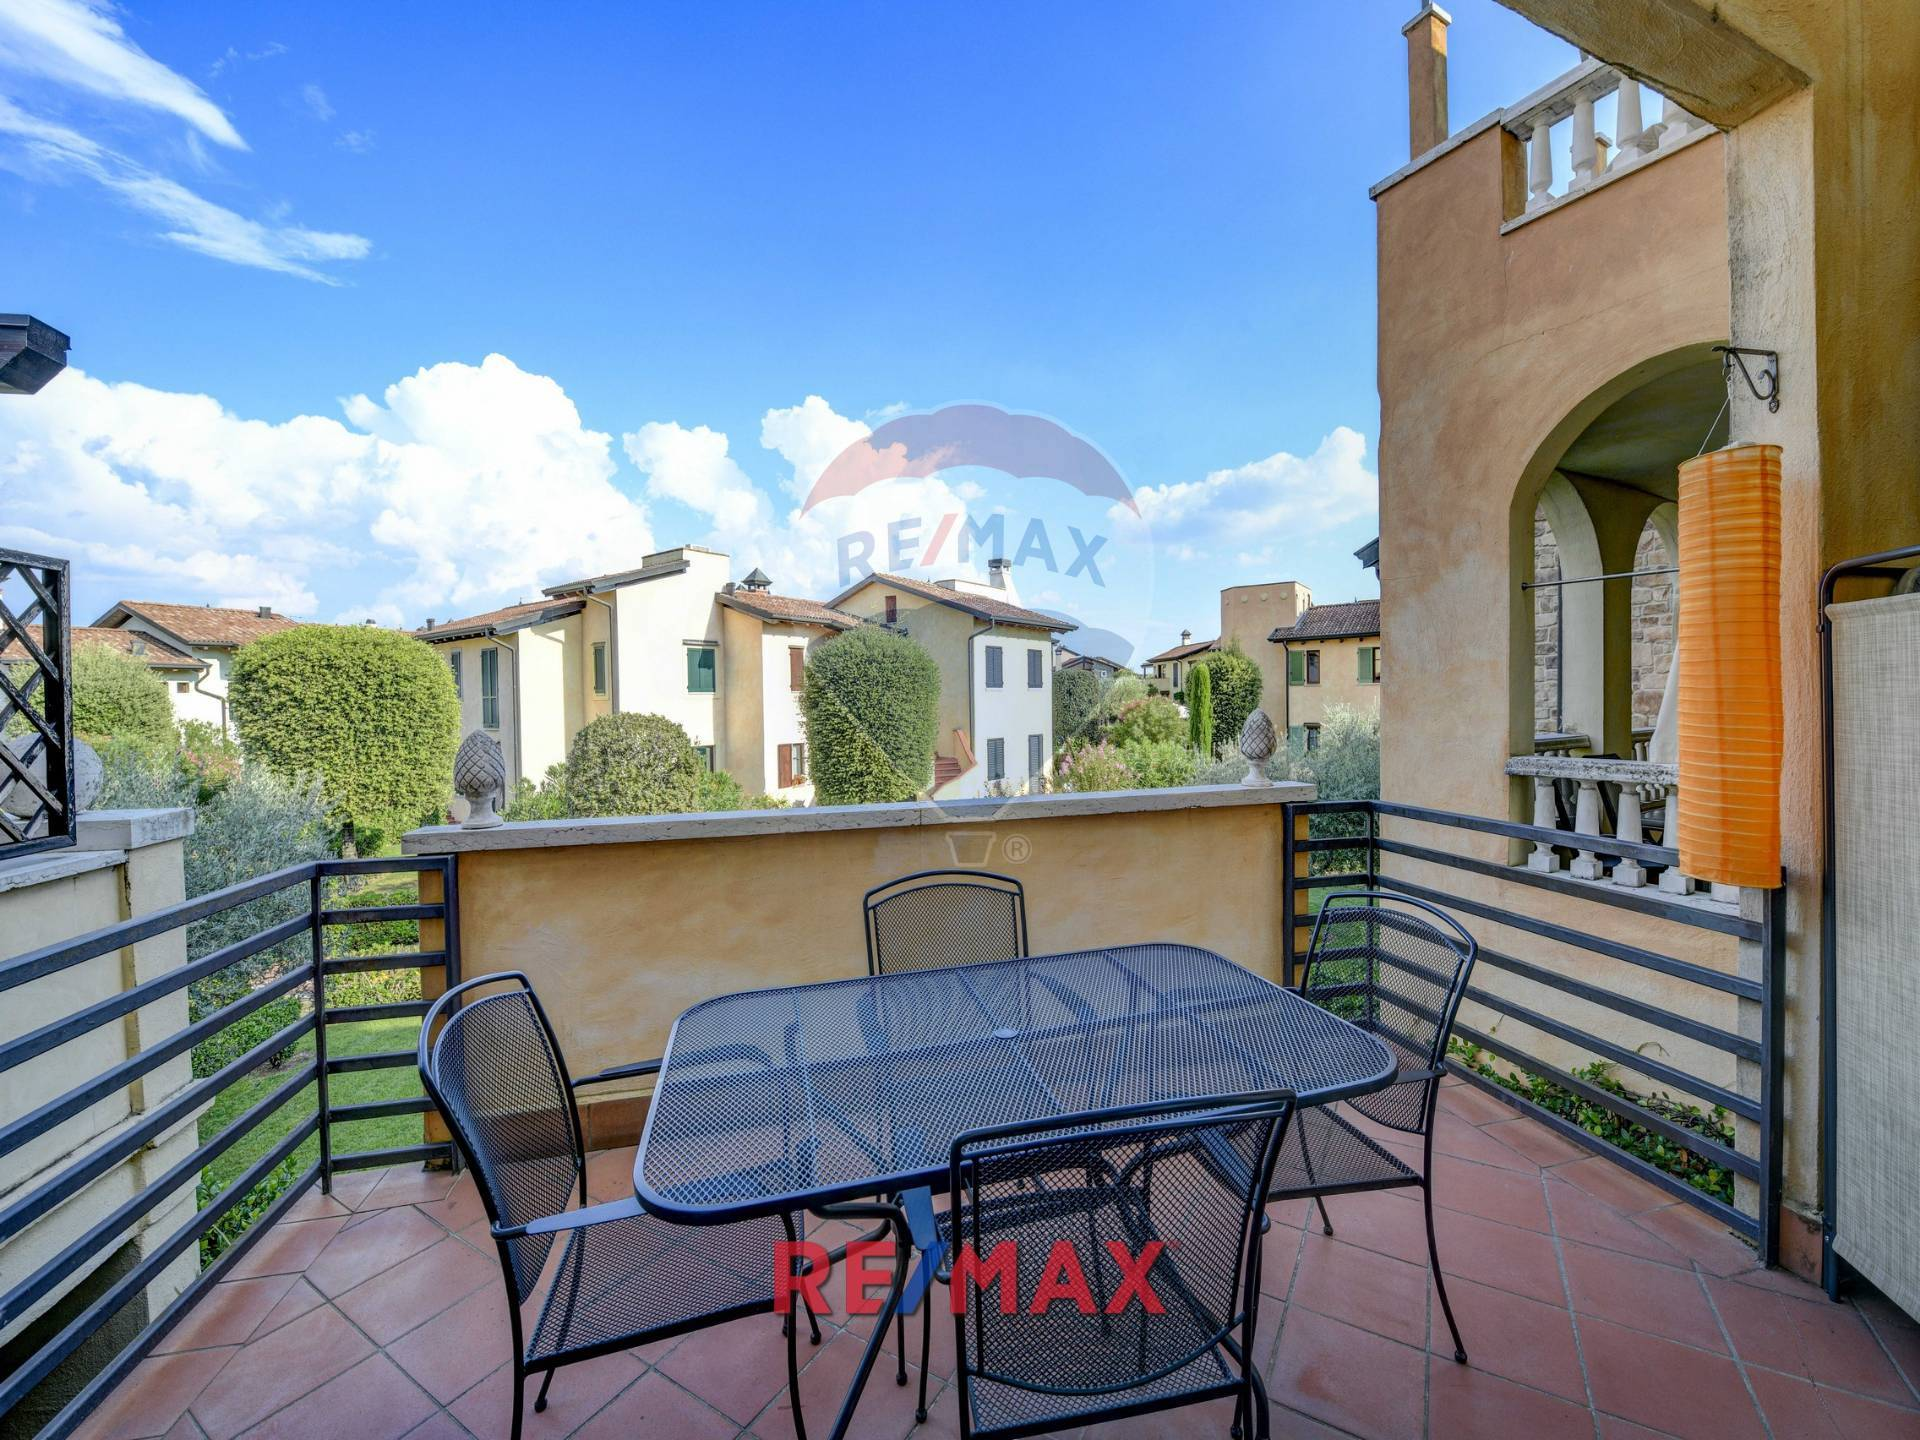 Appartamento in vendita a Peschiera del Garda, 2 locali, zona Località: SanBenedettodiLugana, prezzo € 189.000   PortaleAgenzieImmobiliari.it